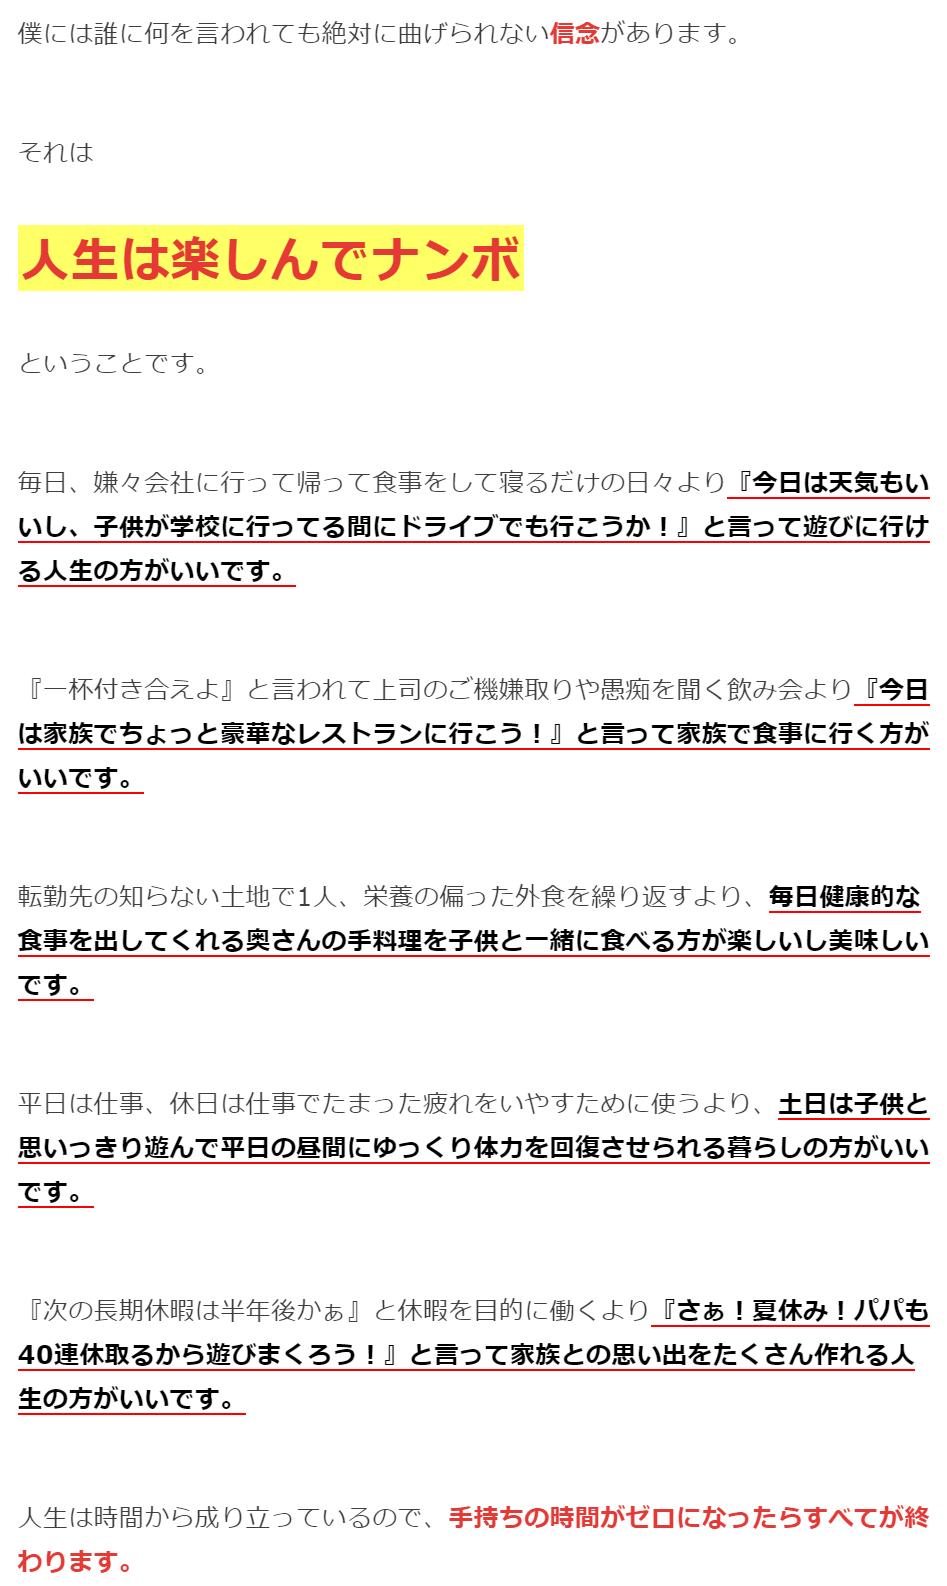 ブログプロフィールの書き方解説6